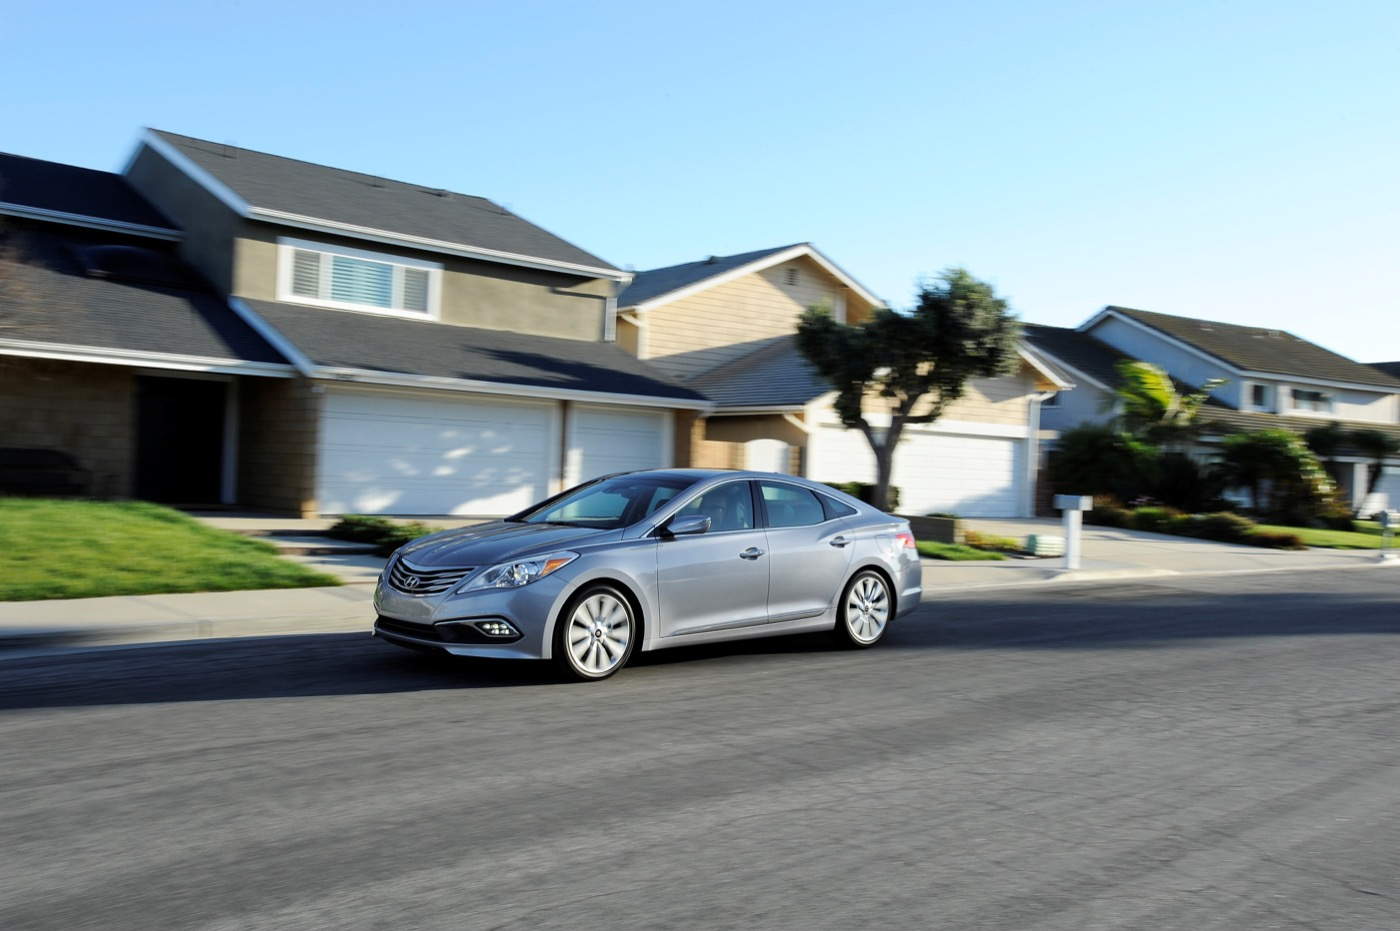 Официально: Hyundai Azera мертв после 2017 года — Genesis Knocked It Down, внедорожники убили его